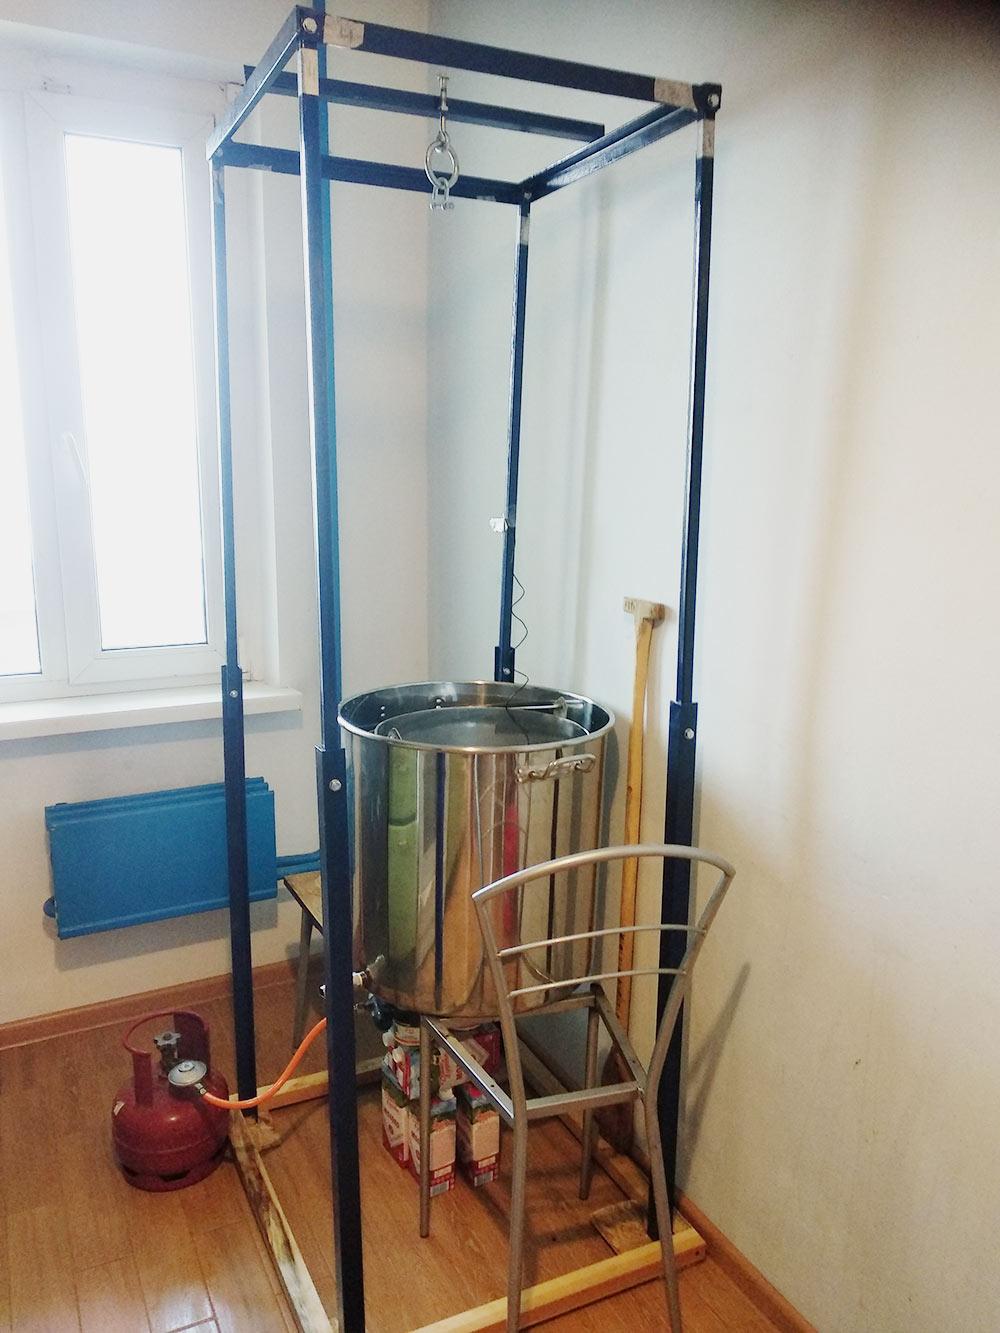 Подготовил оборудование кзатиранию, собираюсь сварить около 75литров американского пшеничного эля. Зачем нужна синяя металлическая конструкция — расскажу далее